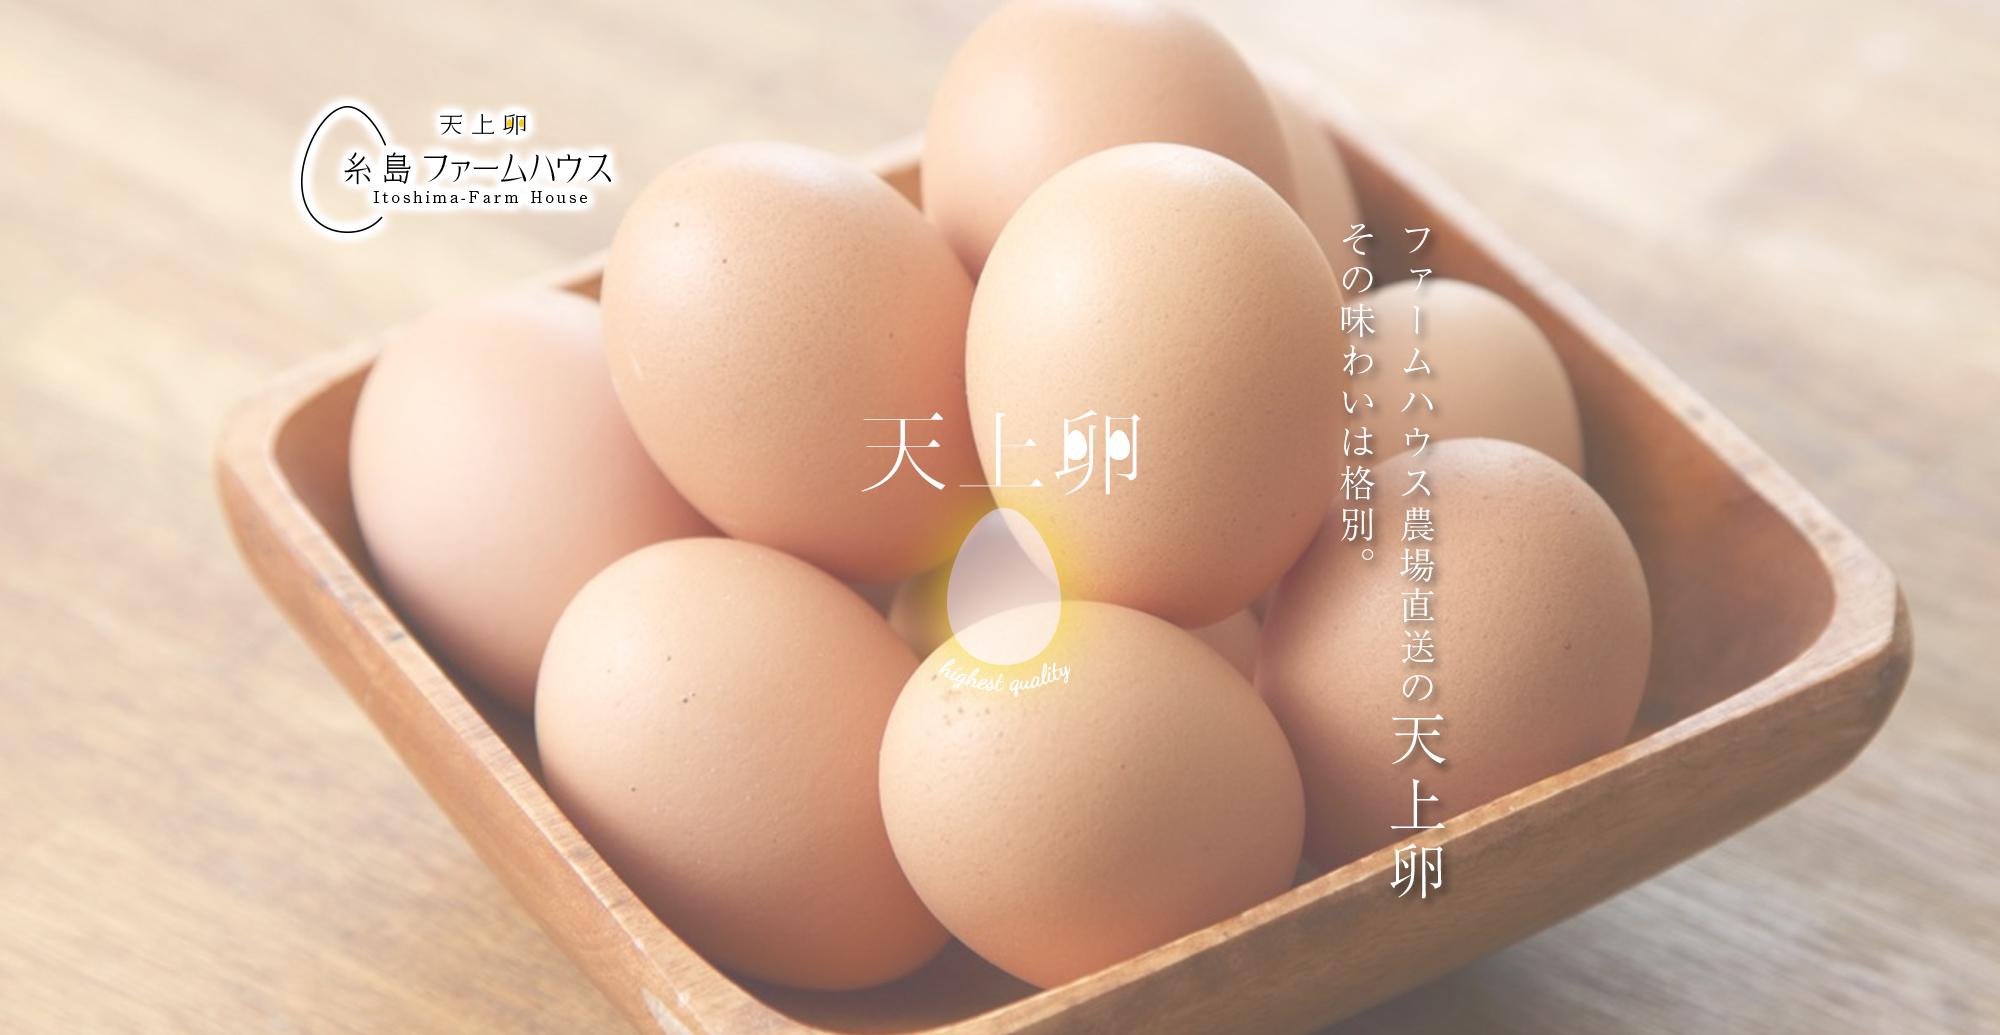 自然食品店ファームハウス農場直送の『天上卵』。その味わいは格別。